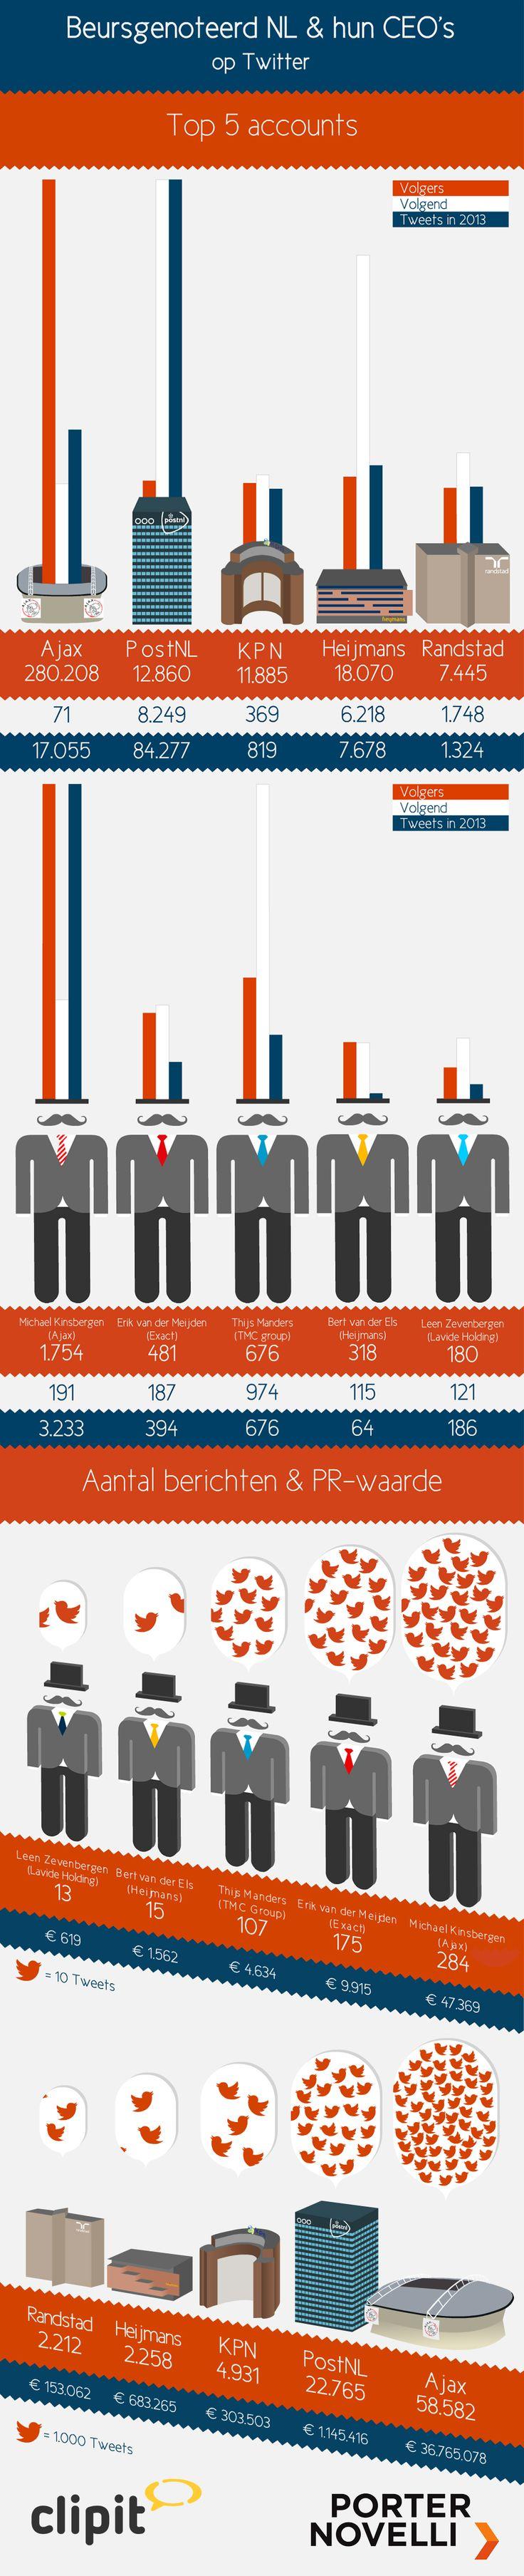 Nederlandse CEO's en hun geworstel met/op Twitter [infographic]